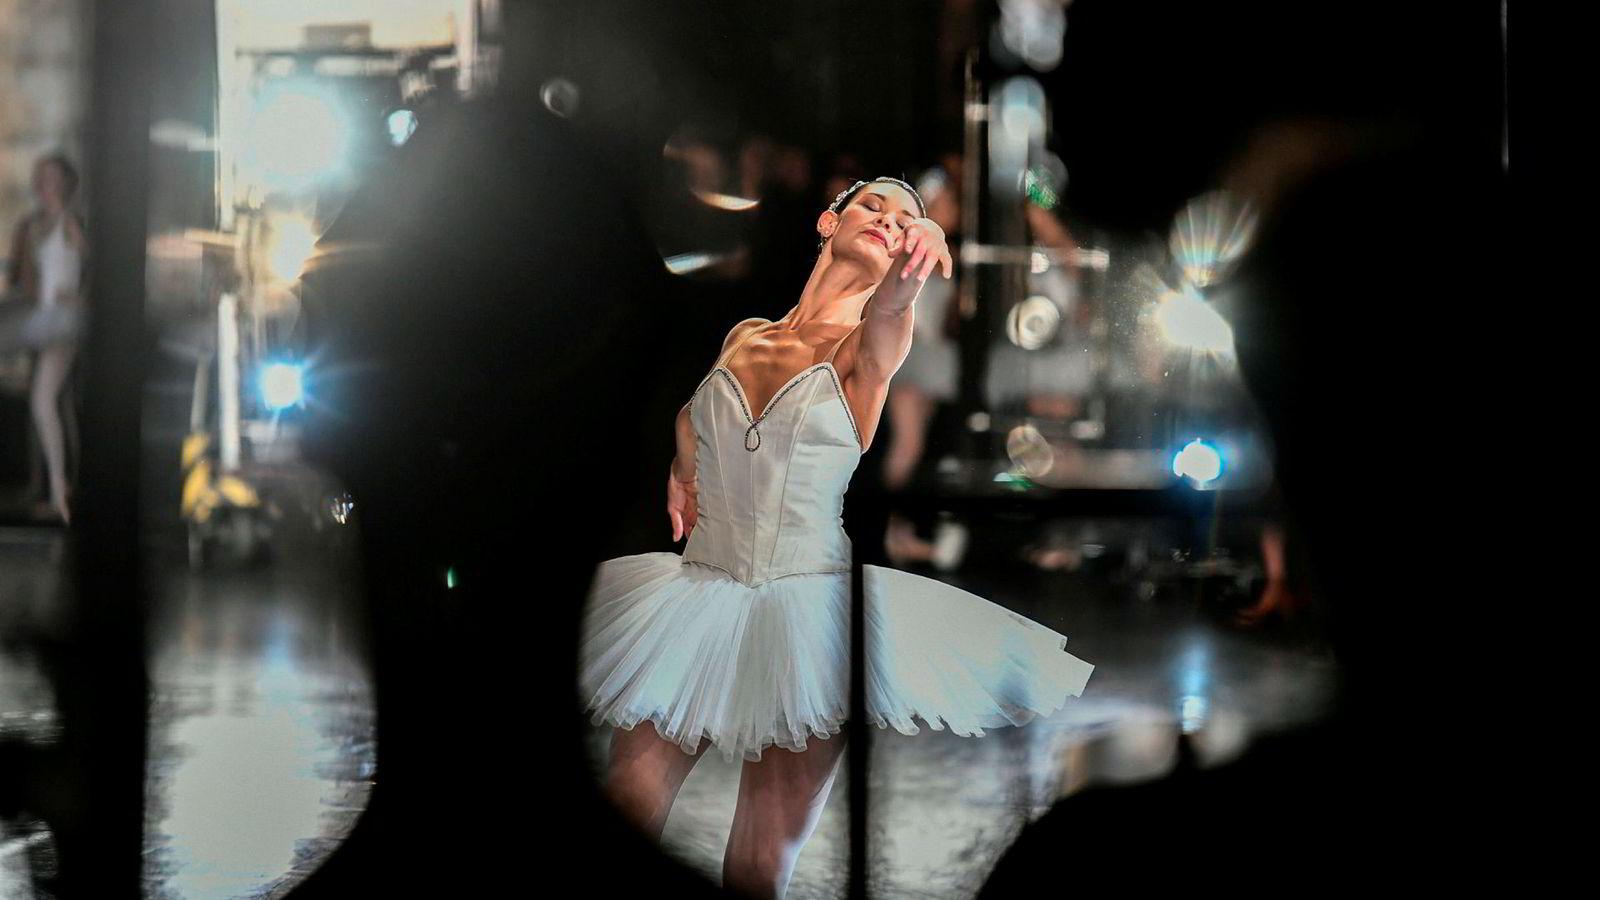 De første offentlige særaldersgrenser skal ha blitt innført for ballettdansere i Paris under Napoleon.